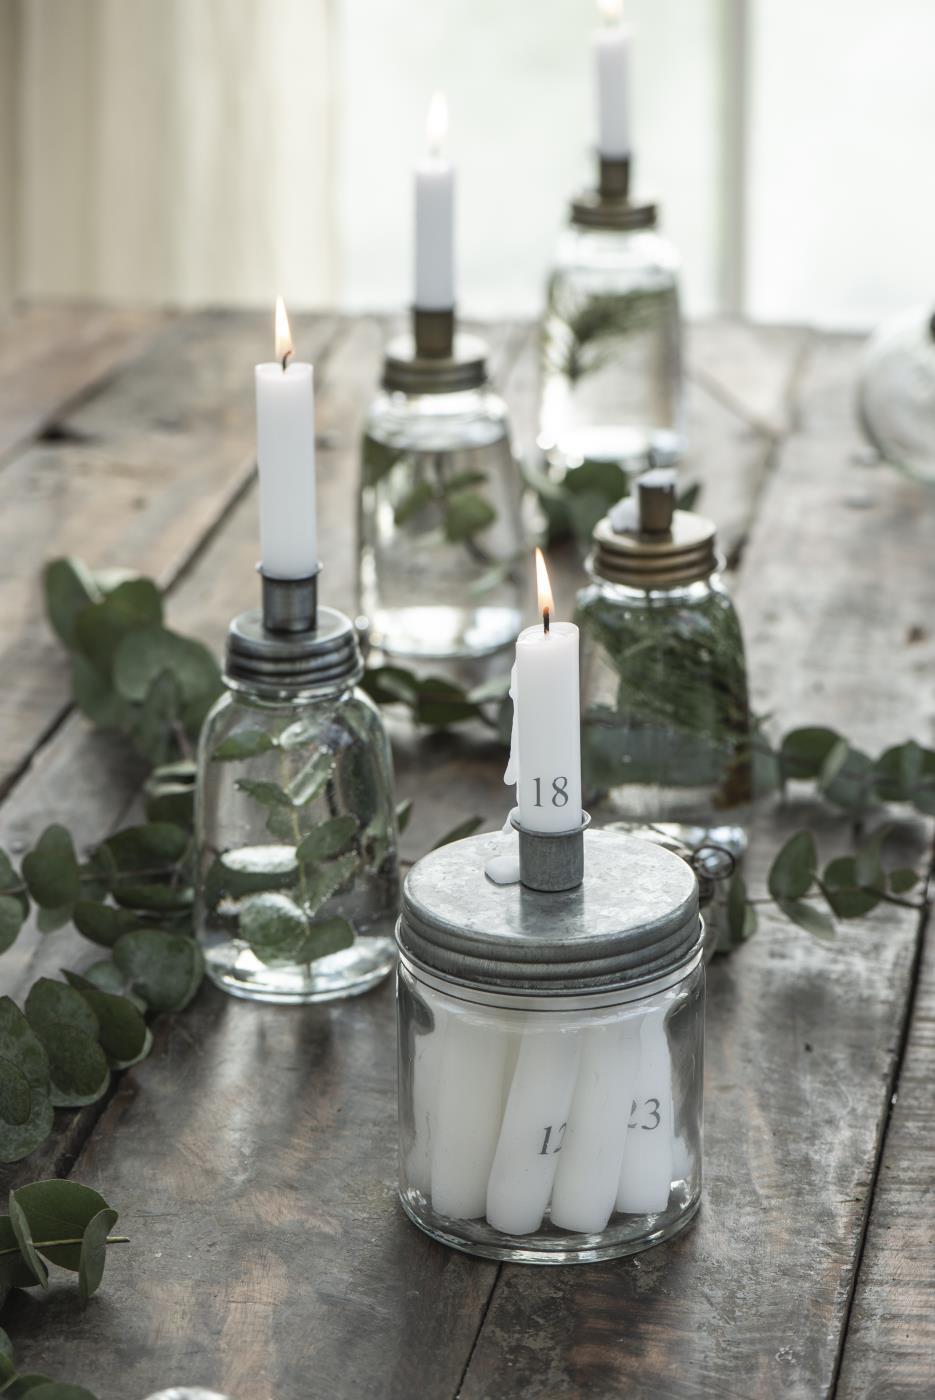 IB Laursen Kerzenhalter & Kerzenständer, Bild 1